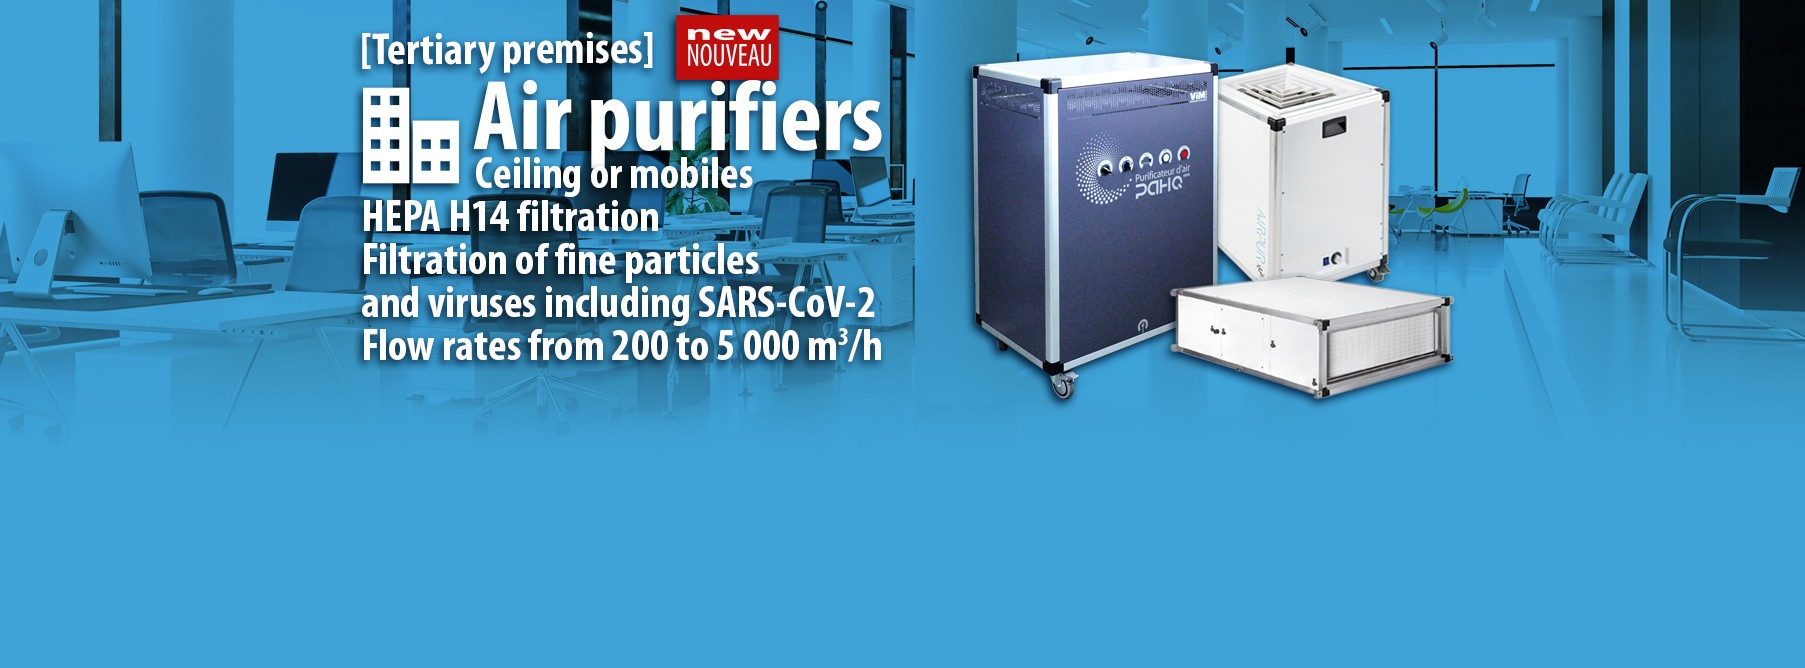 VIM air purifiers